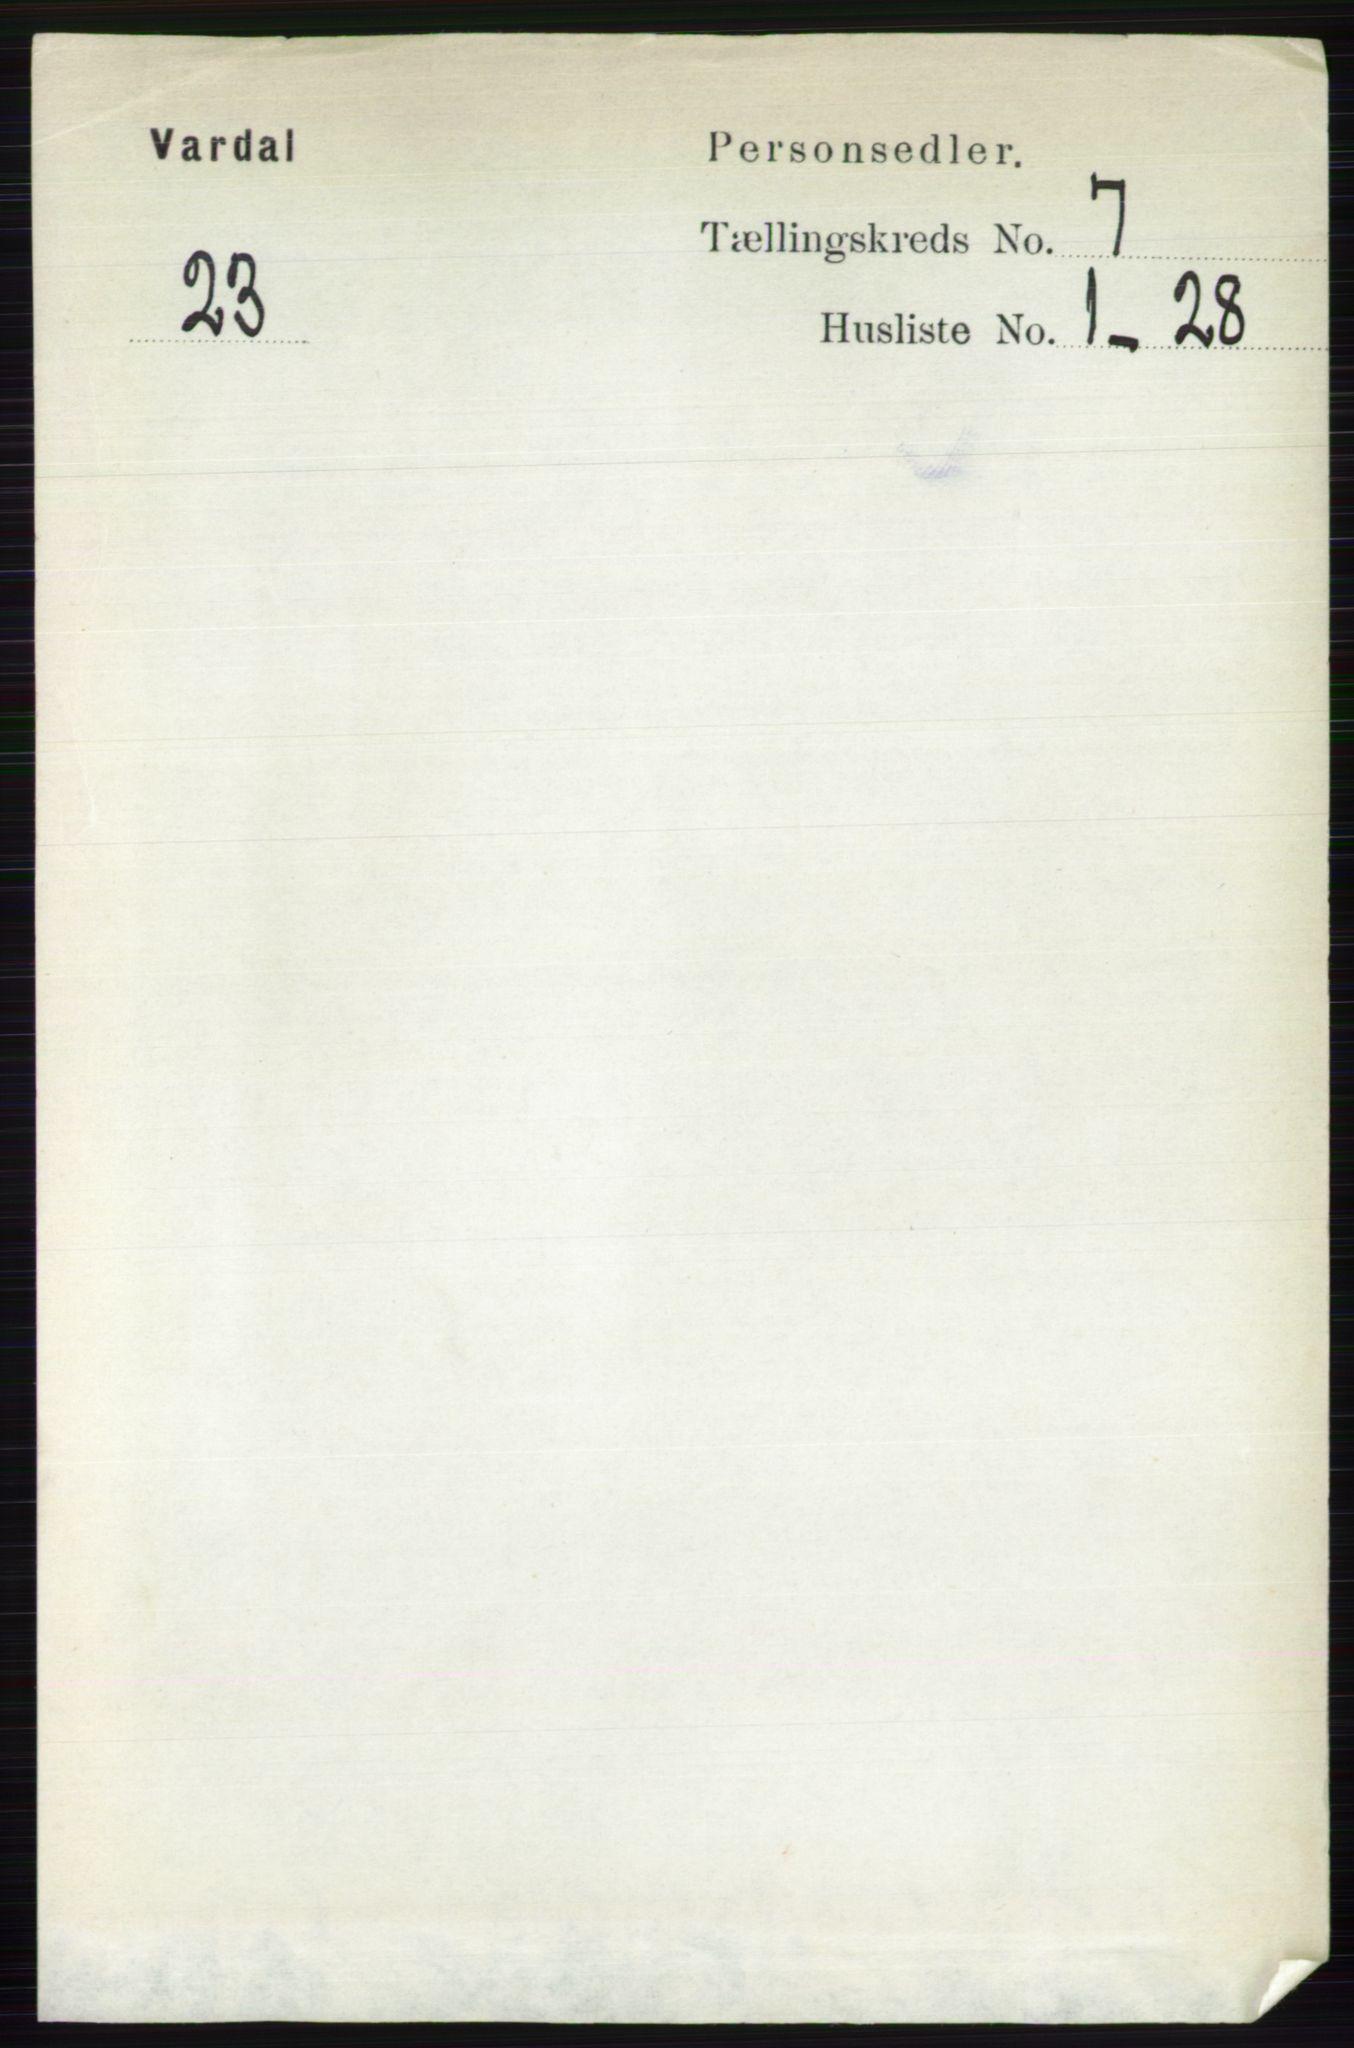 RA, Folketelling 1891 for 0527 Vardal herred, 1891, s. 2969